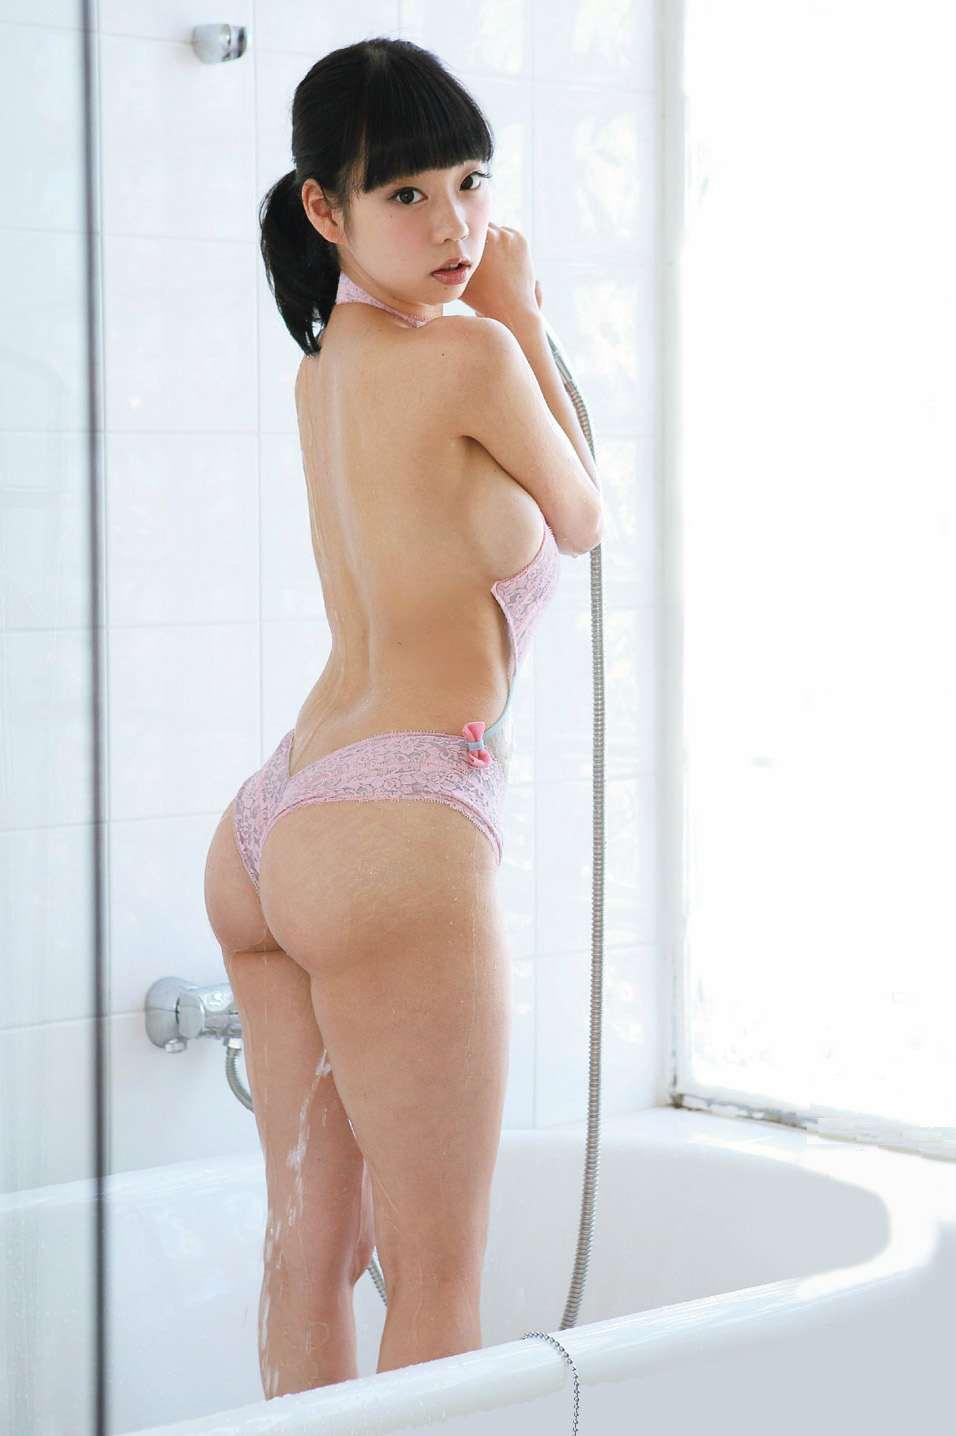 【おっぱい】シャワーでキレイになった美乳を舐め回してベトベトにしたい!【70枚】 67